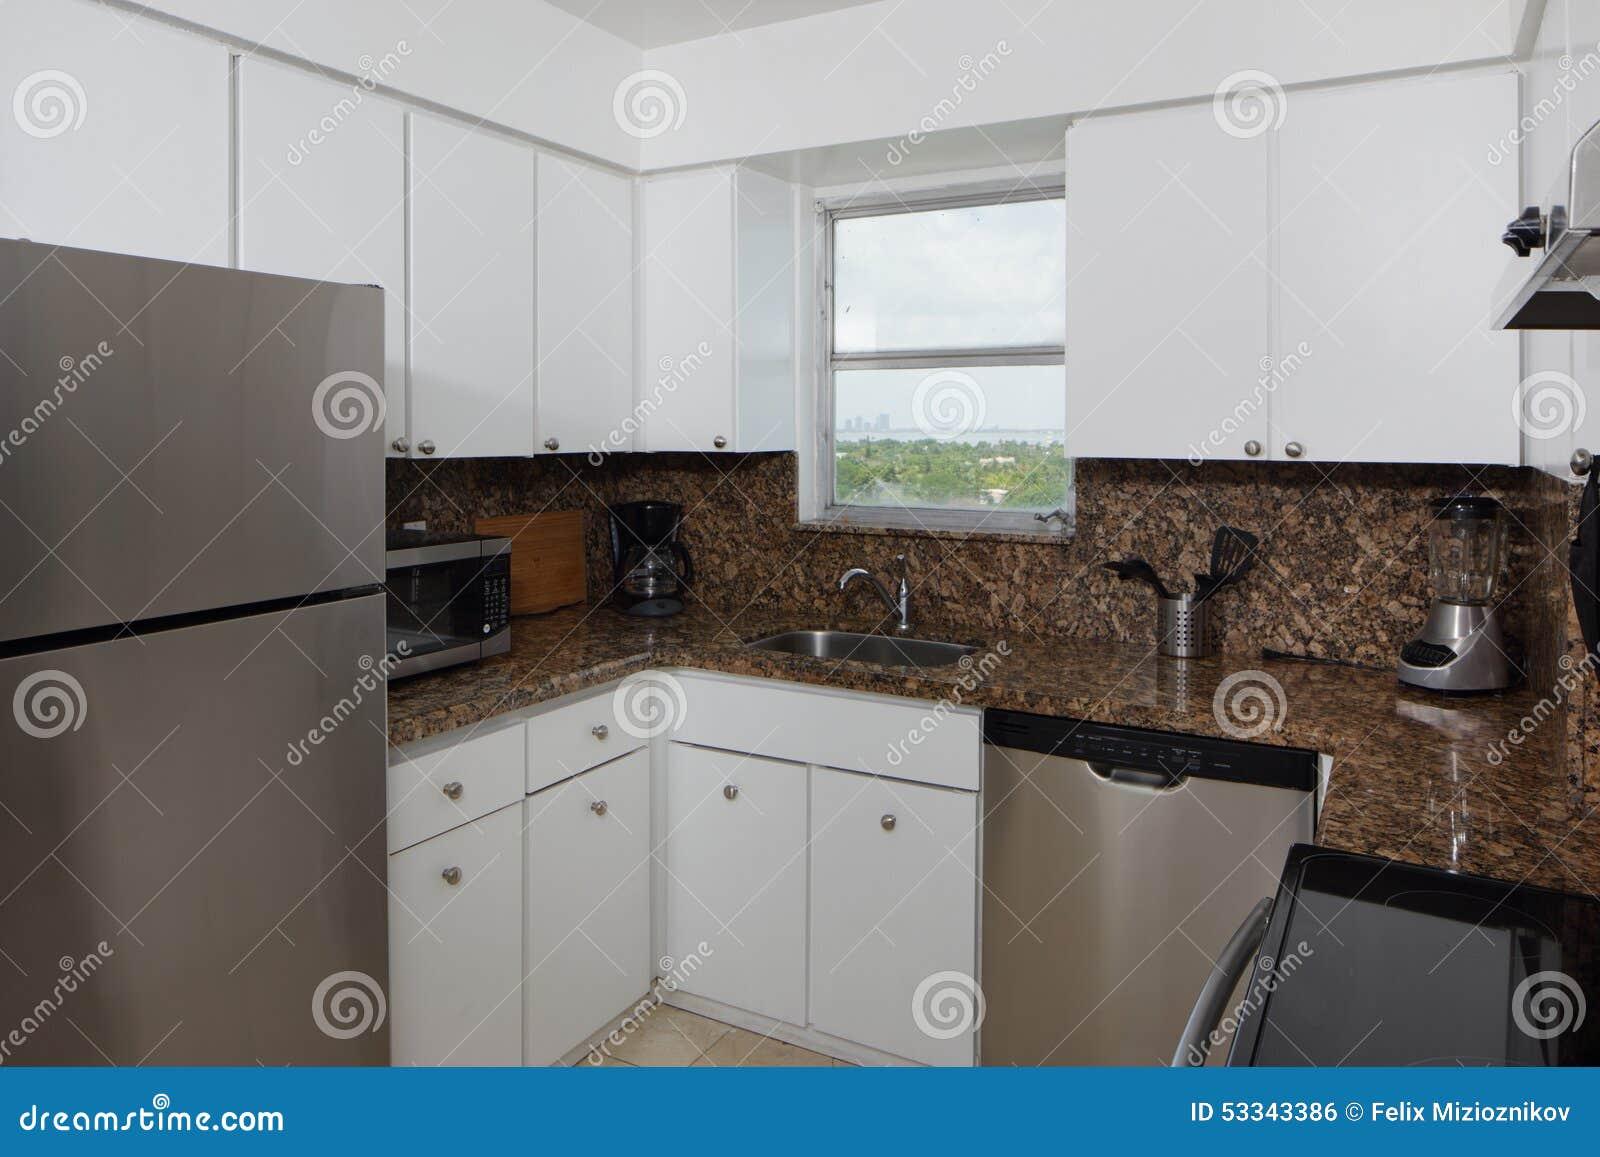 Pequeña cocina moderna foto de archivo. Imagen de existencias - 53343386